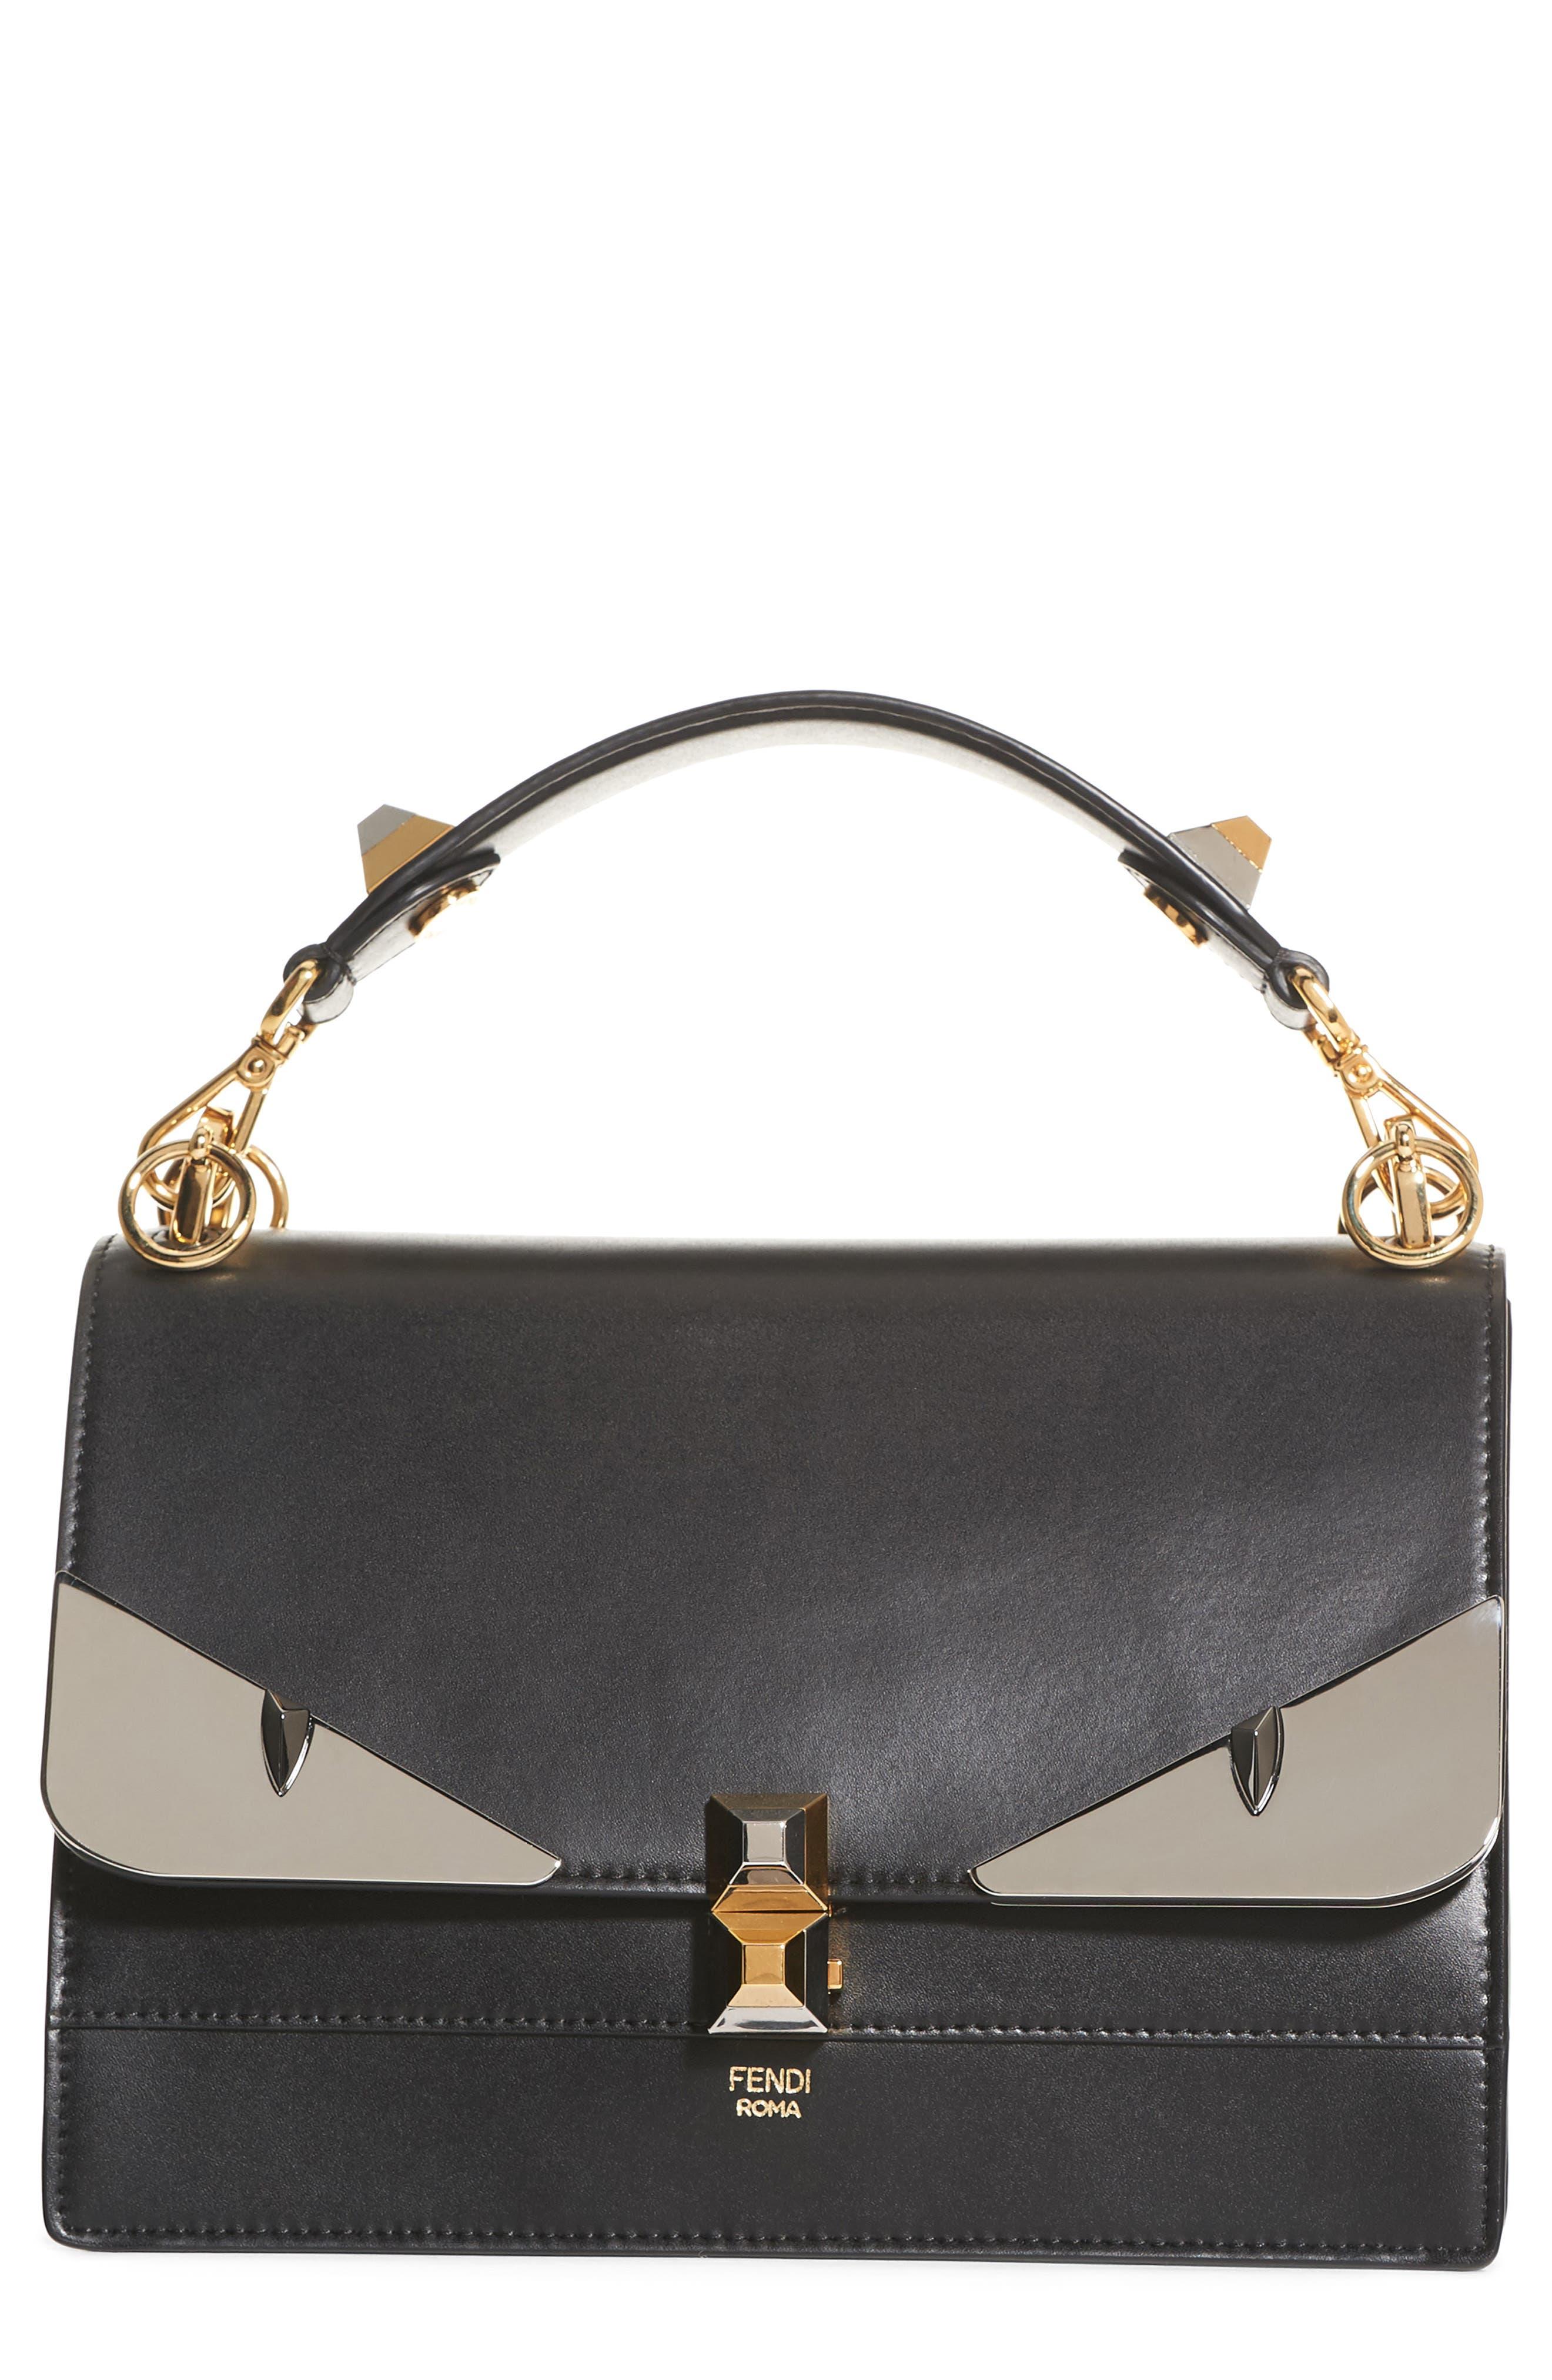 FENDI Kan I Monster Calfskin Leather Shoulder Bag